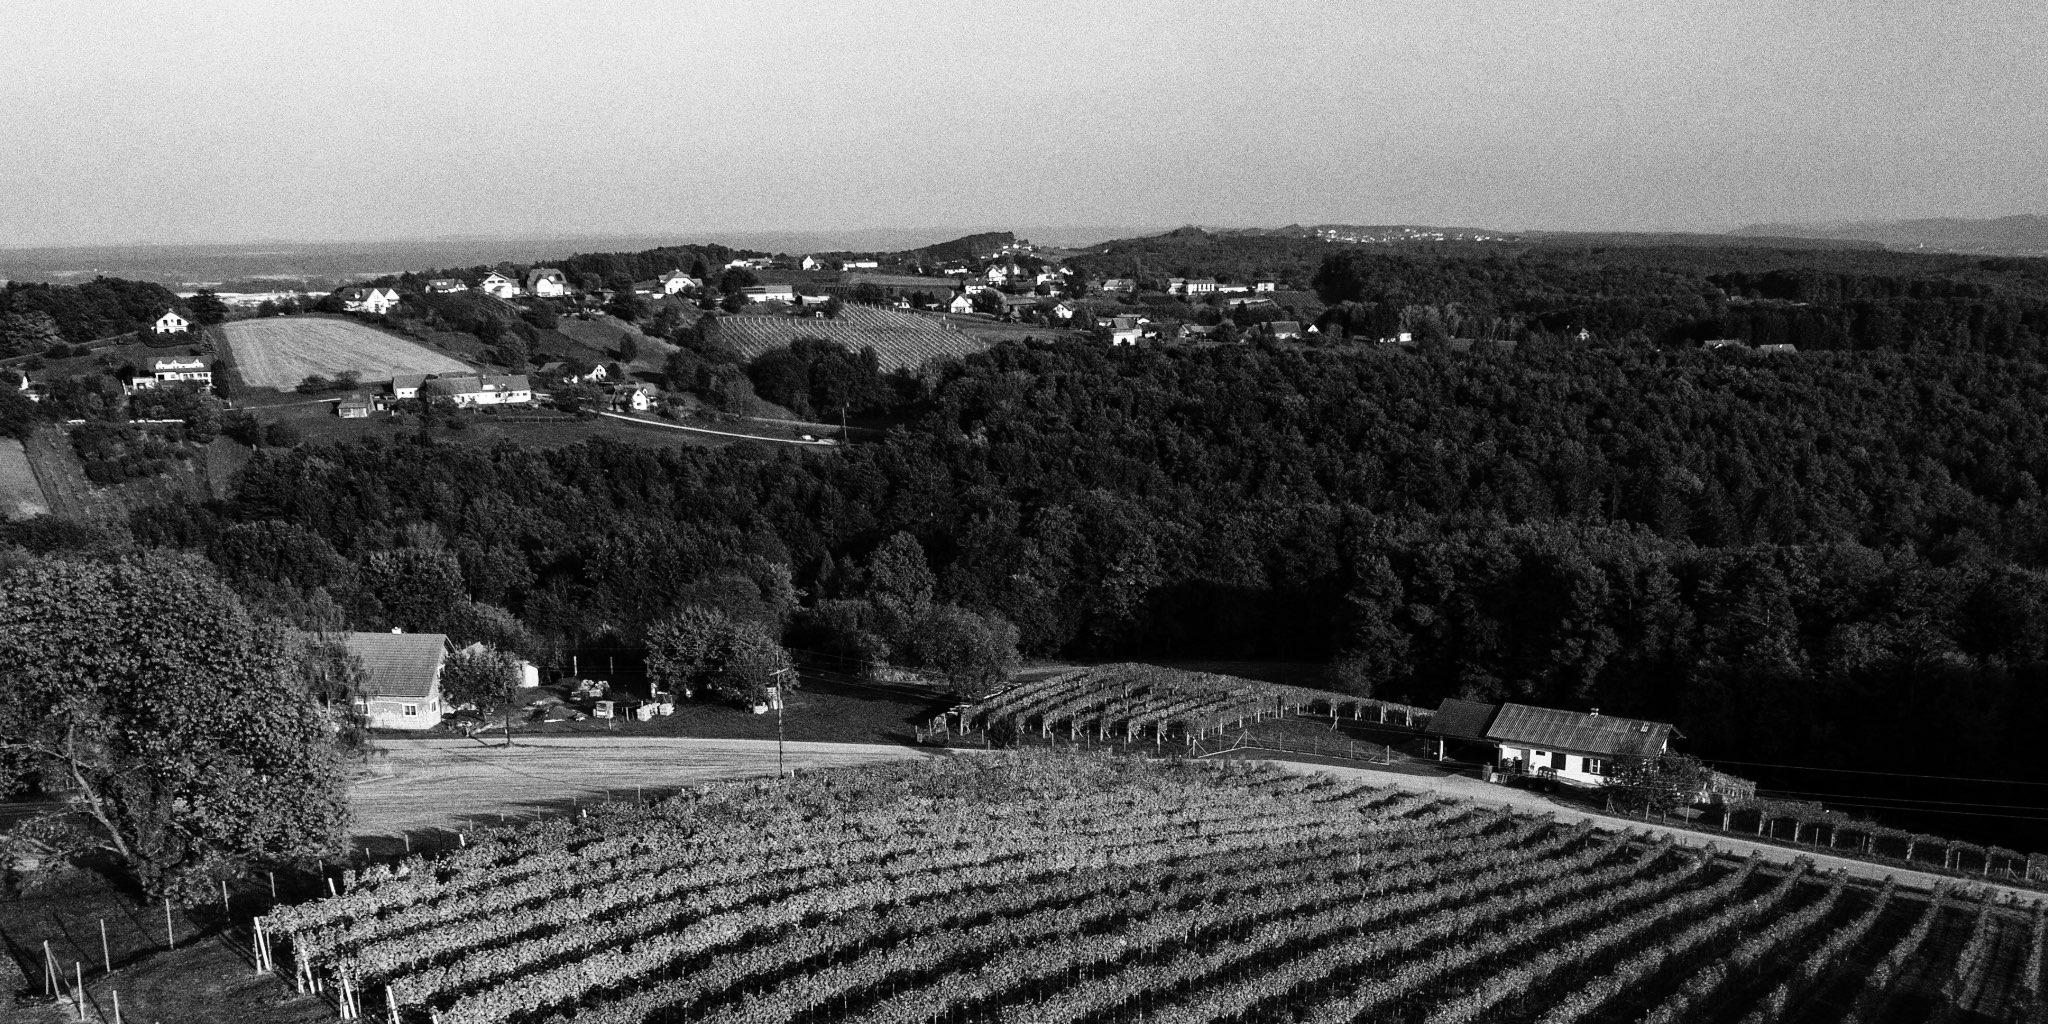 Weingarten Kainrath